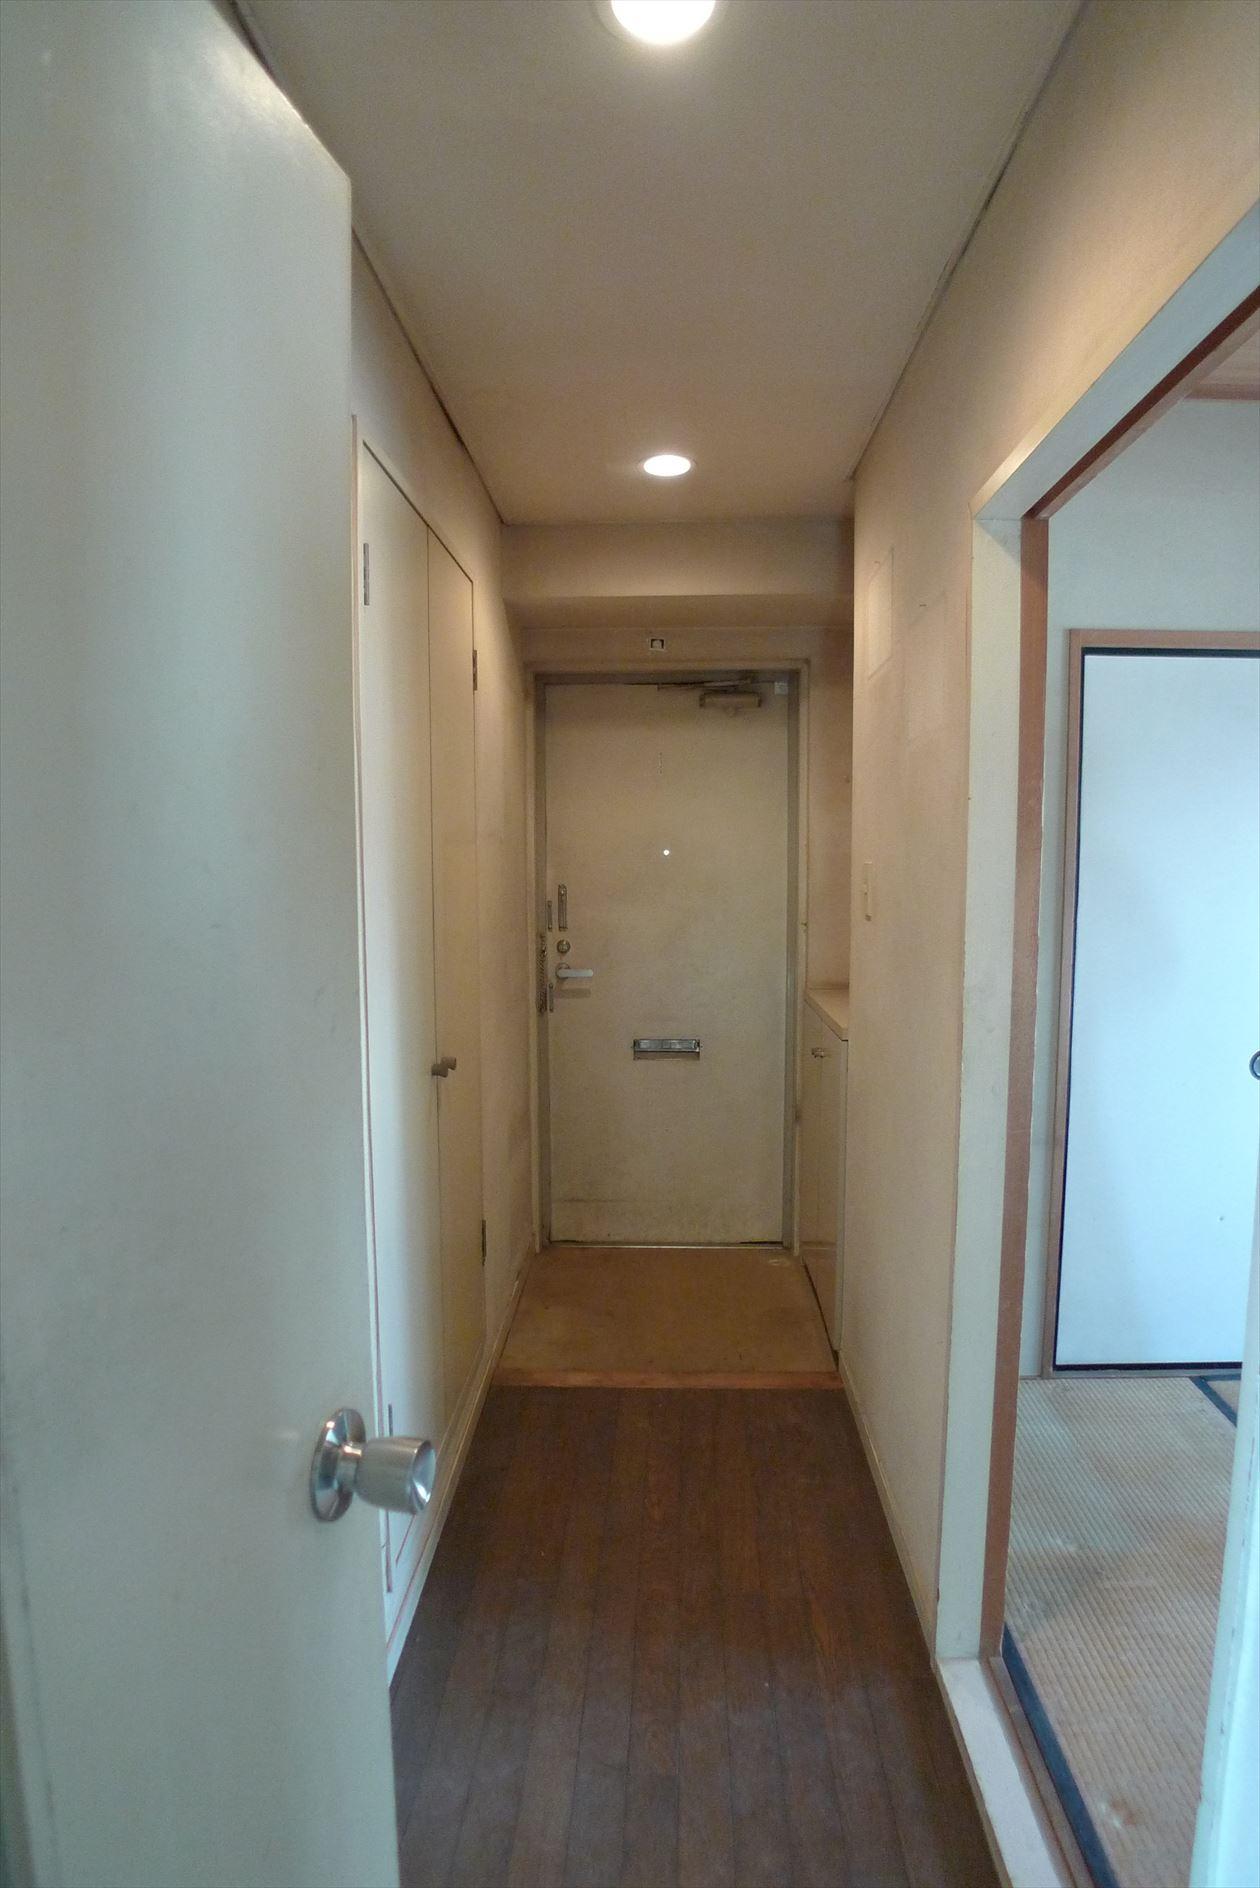 BEFORE:既存は廊下型のタイプ。玄関も狭く暗い印象。